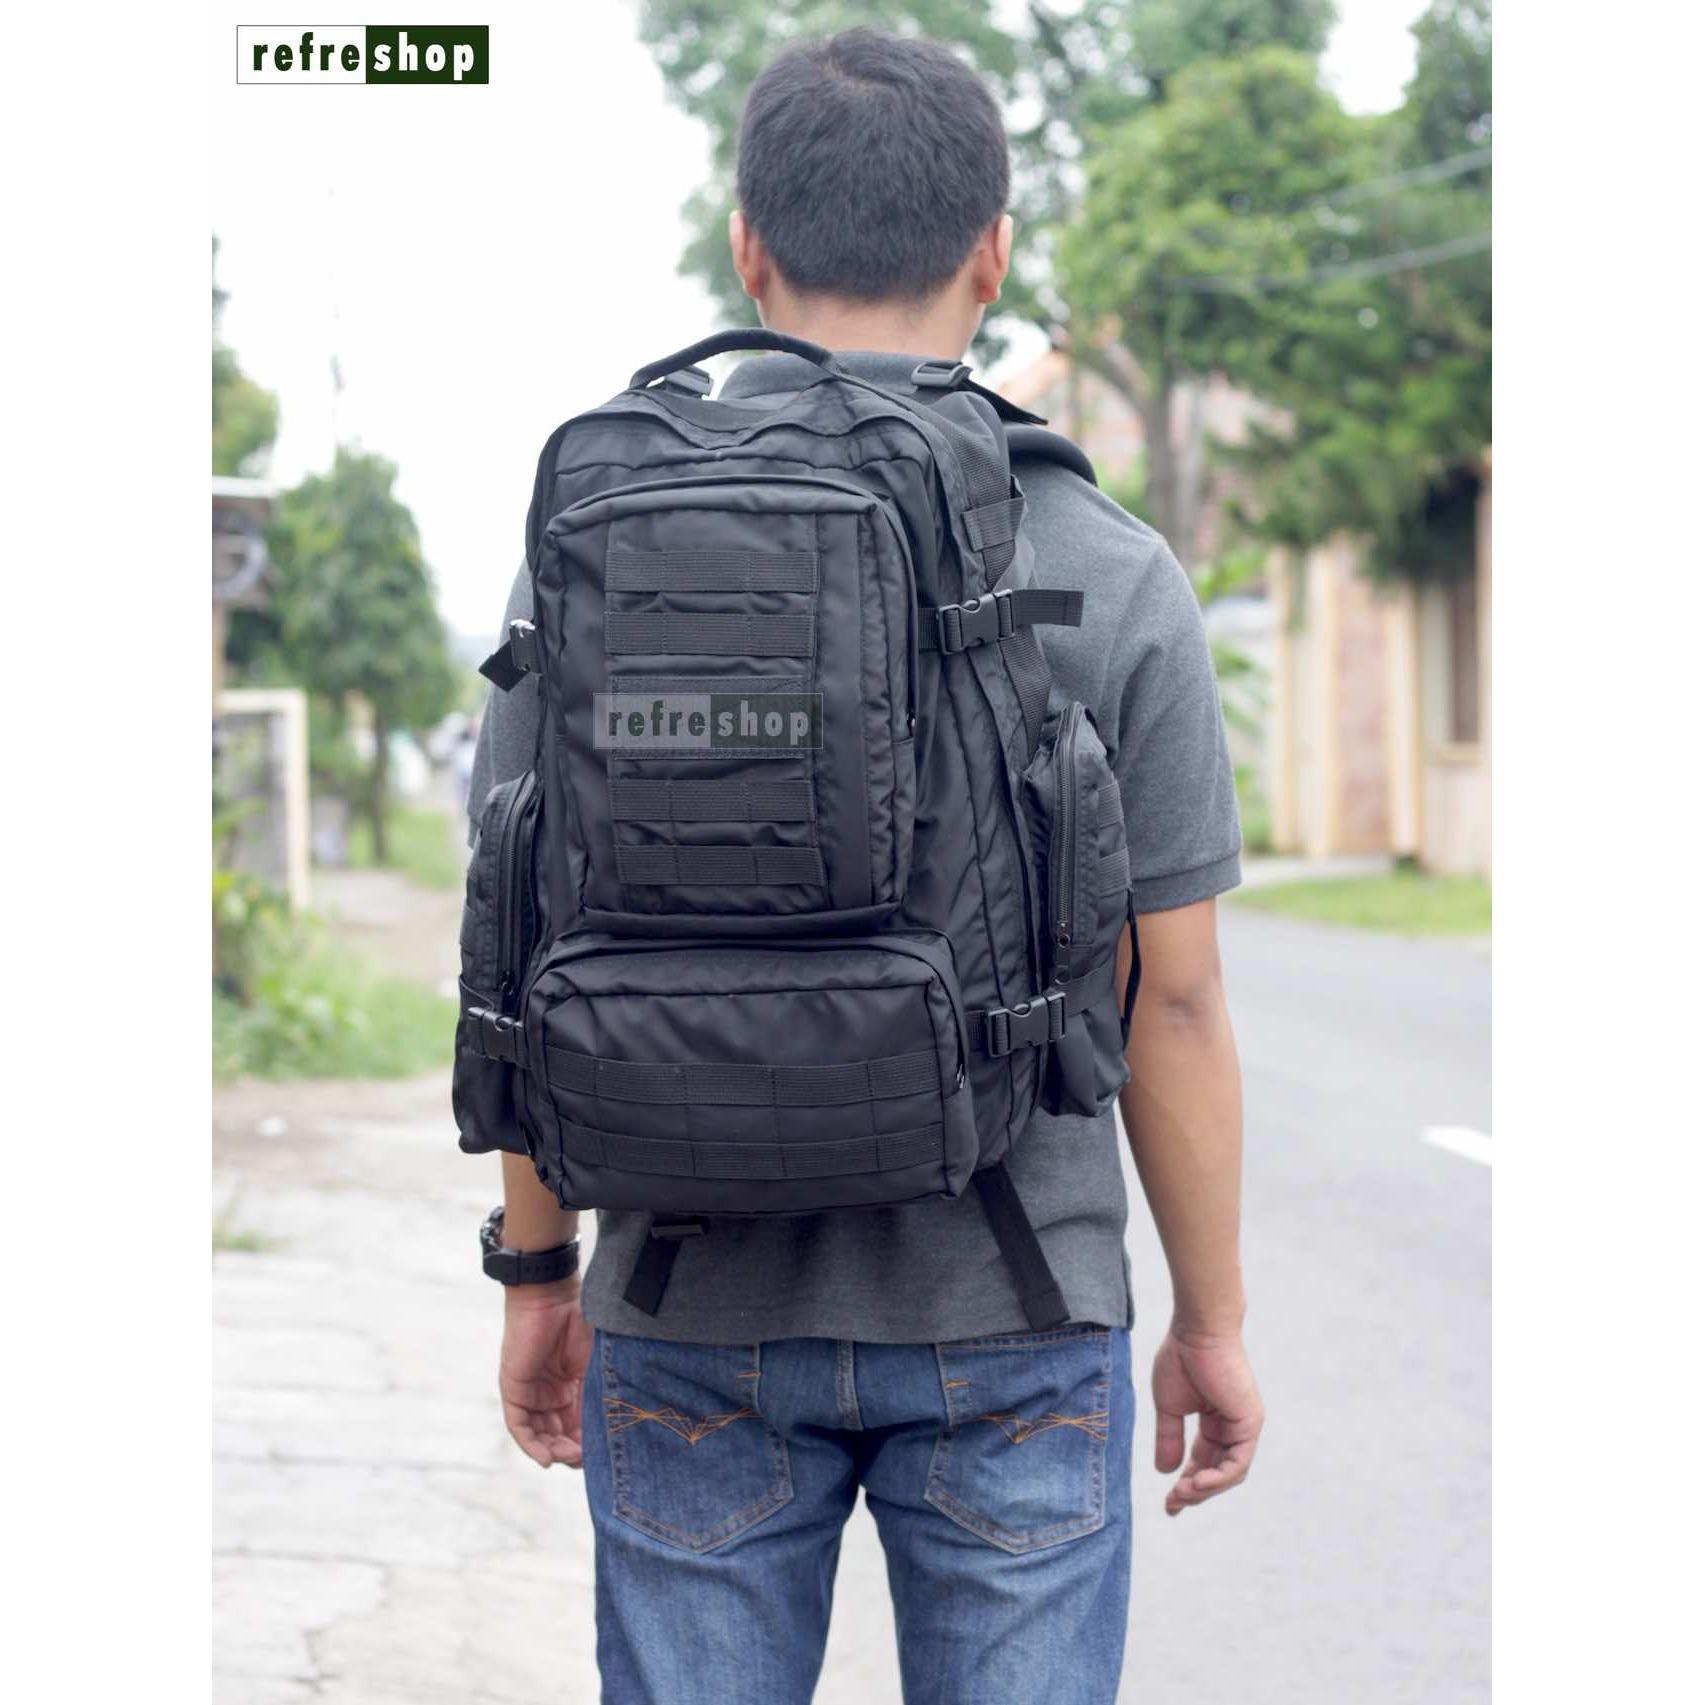 Fitur Tas Punggung Kuat Army Tactical Ransel Militer Px431 Awet Backpack 3p Berkualitas Refreshop 5